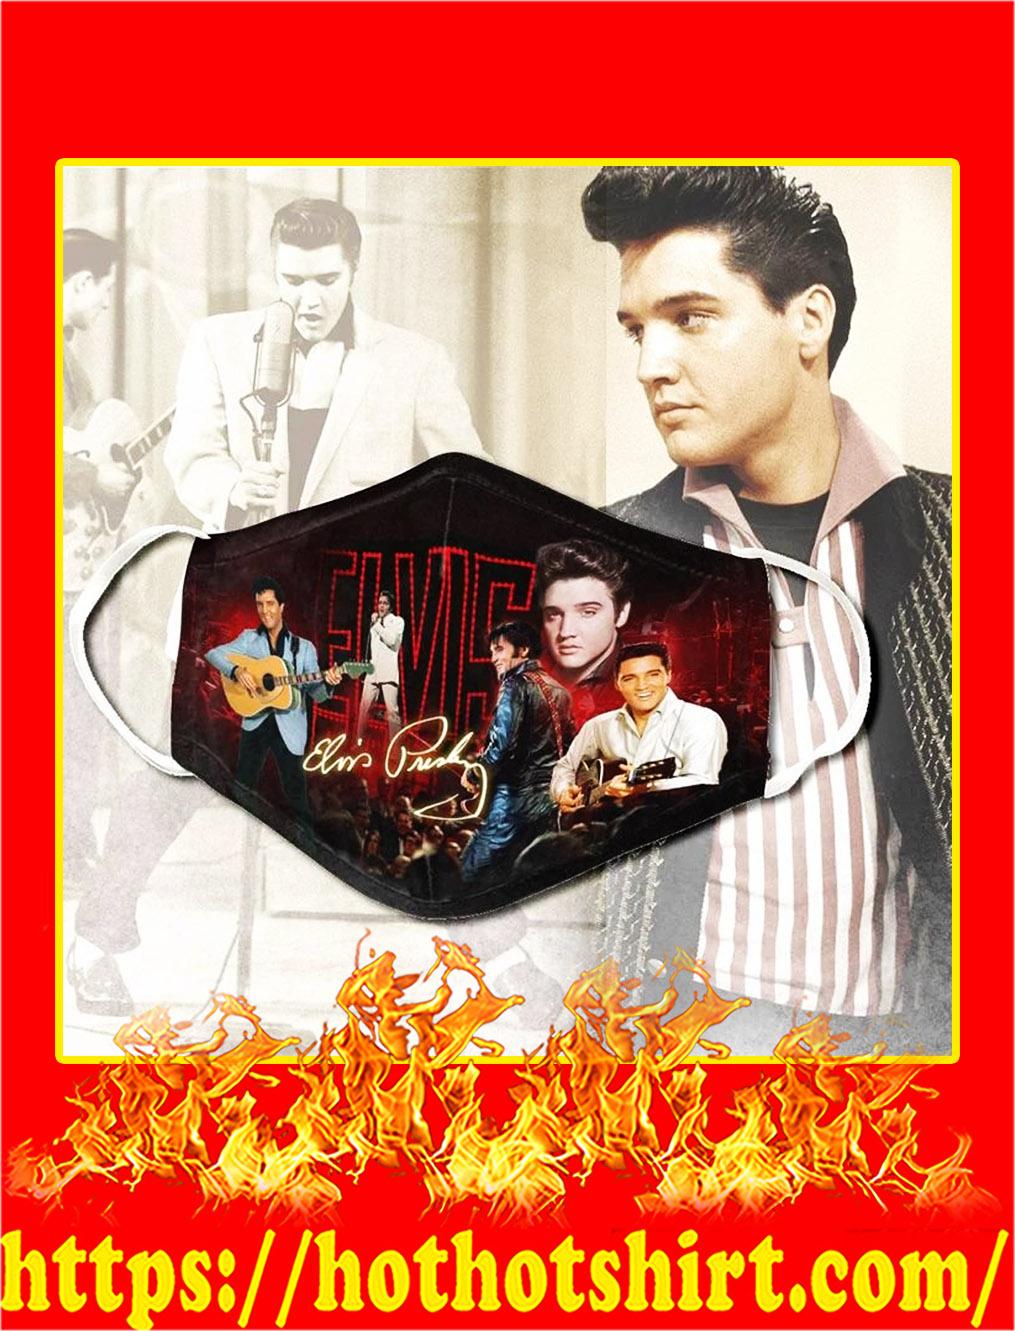 Elvis presley face mask - pic 1